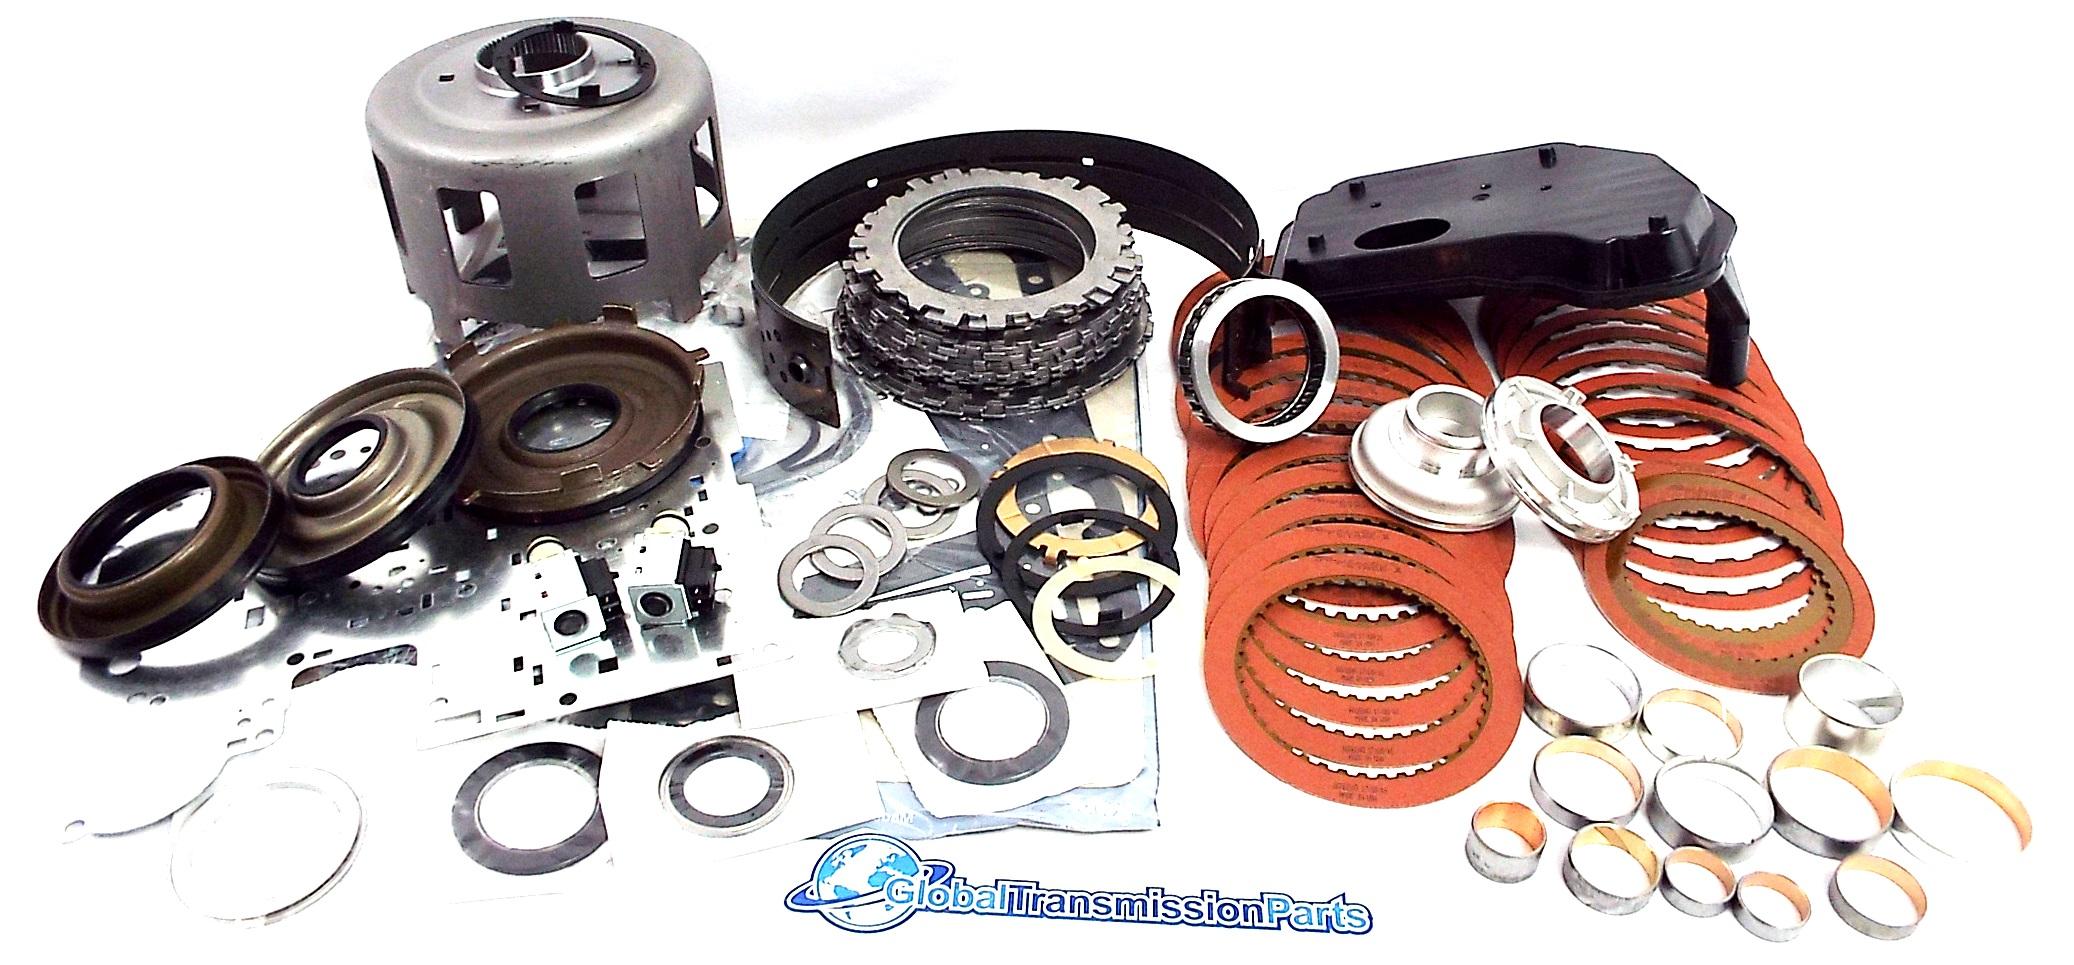 4l60e-700r4-4l65e-transmission-racing-performance-stage-1-rebuild-kits.jpg